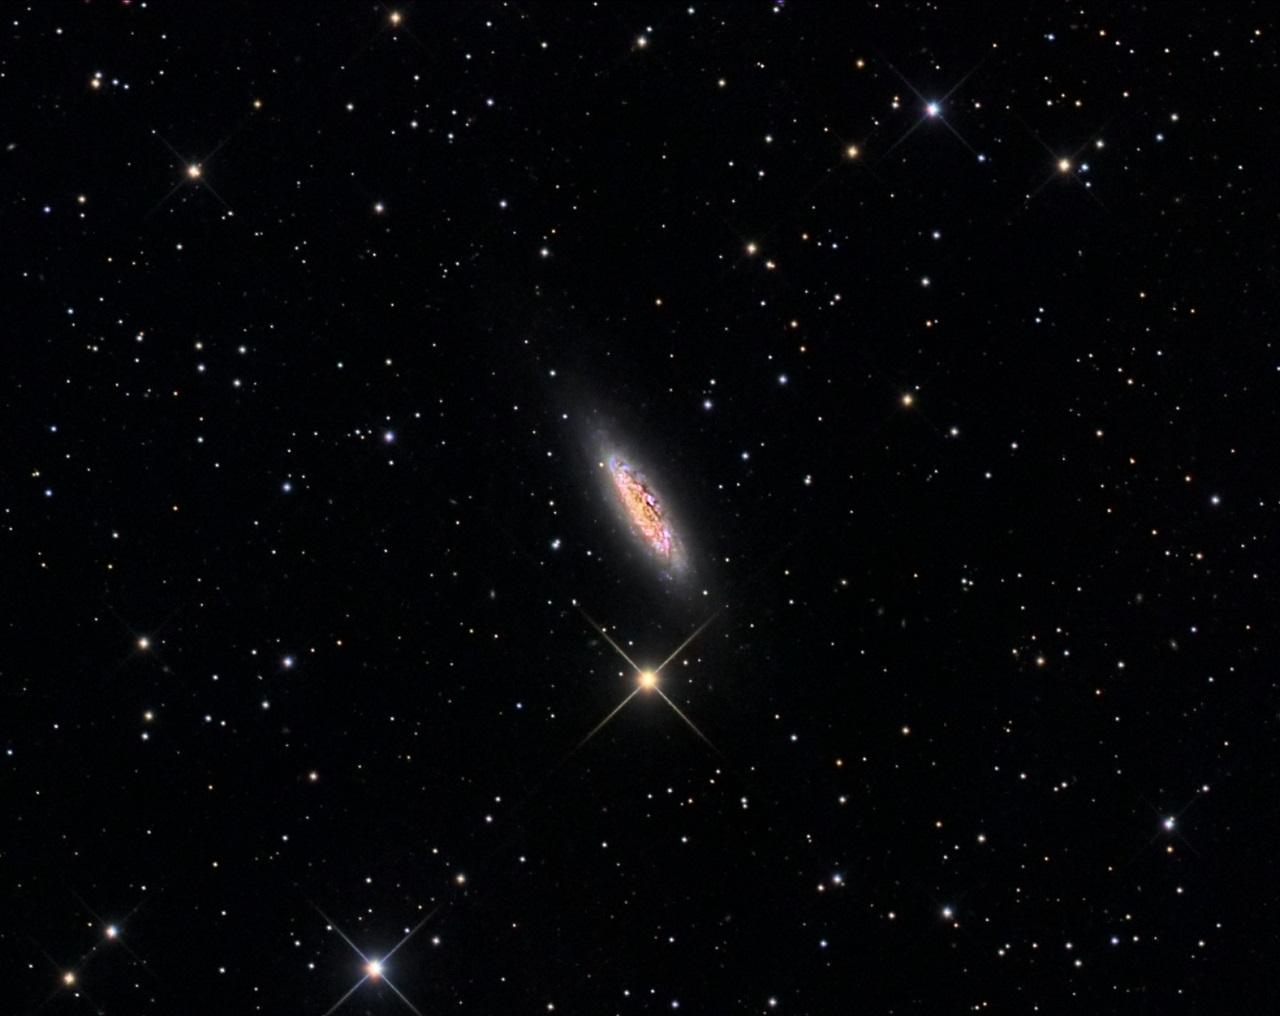 ჩვენი გალაქტიკის სიახლოვეს უზარმაზარი, იდუმალი სიცარიელეა - ასტრონომებმა მისი სიღრმე გაზომეს